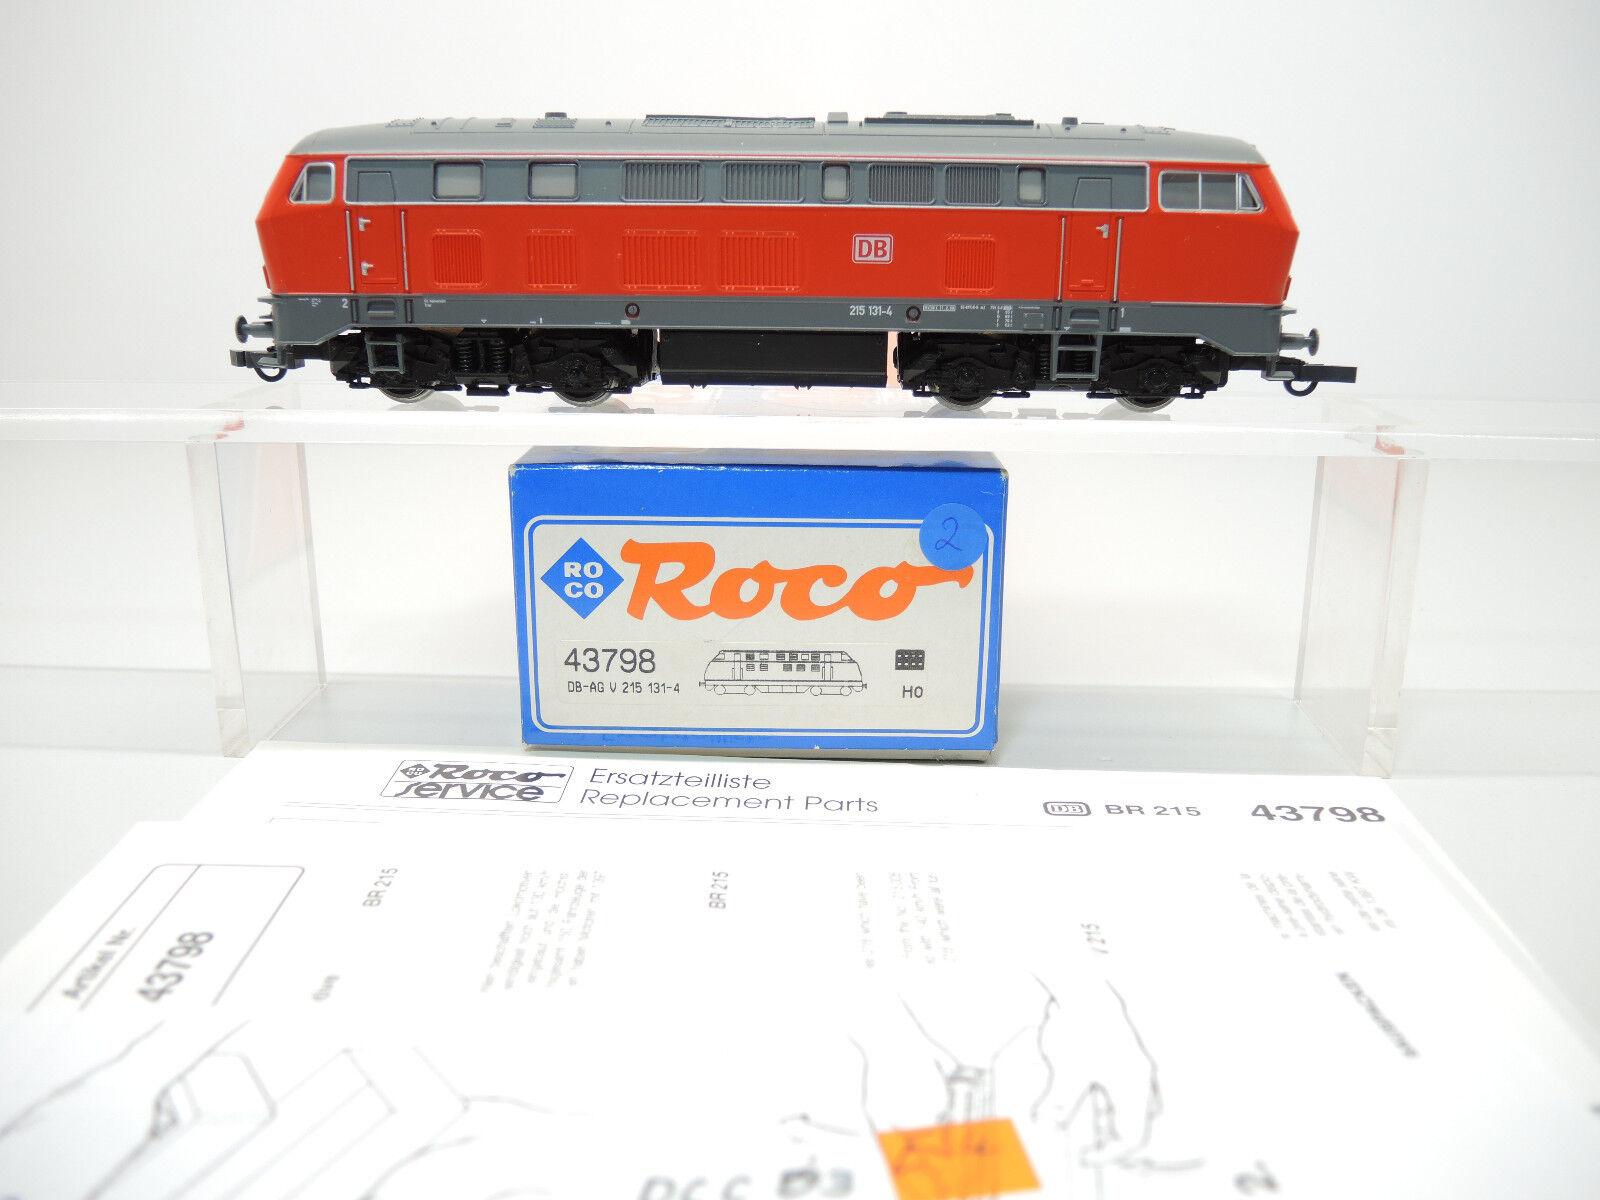 Roco 43798 diesellok br 215 131-4 de la DB digital con esu decodificadores, embalaje original (2)